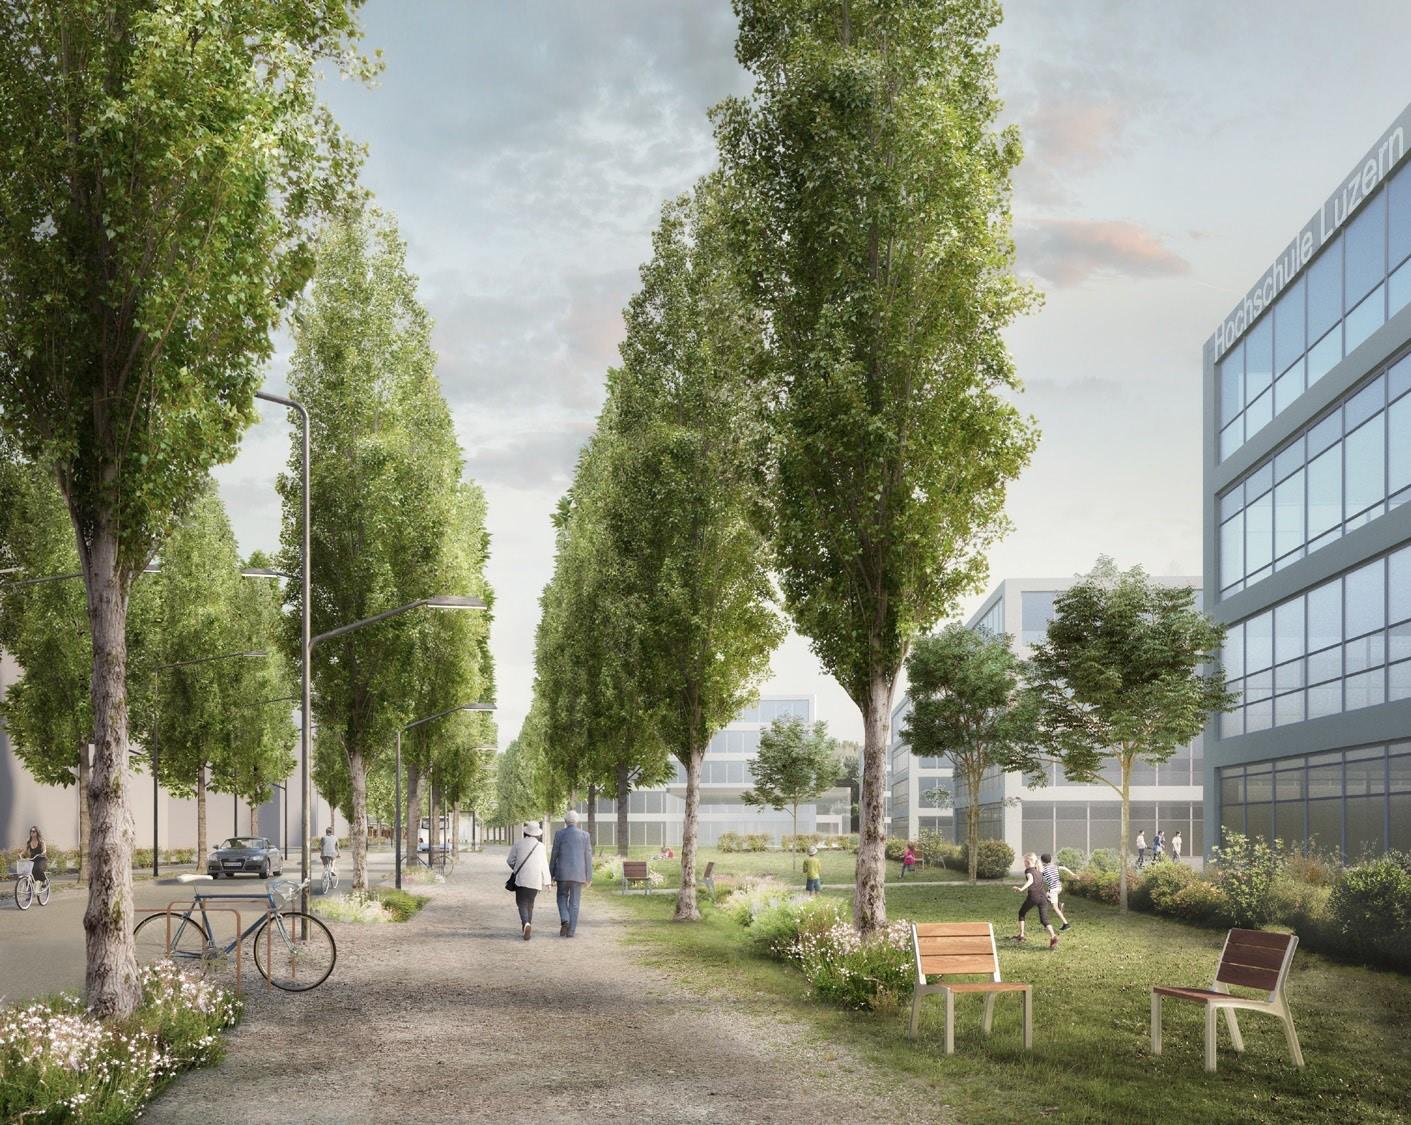 Die Technikumstrasse auf dem Abschnitt Campus Hochschule Luzern hat laut LuzernPlus Potenzial zur Aufwertung. (Visualisierung: zvg)